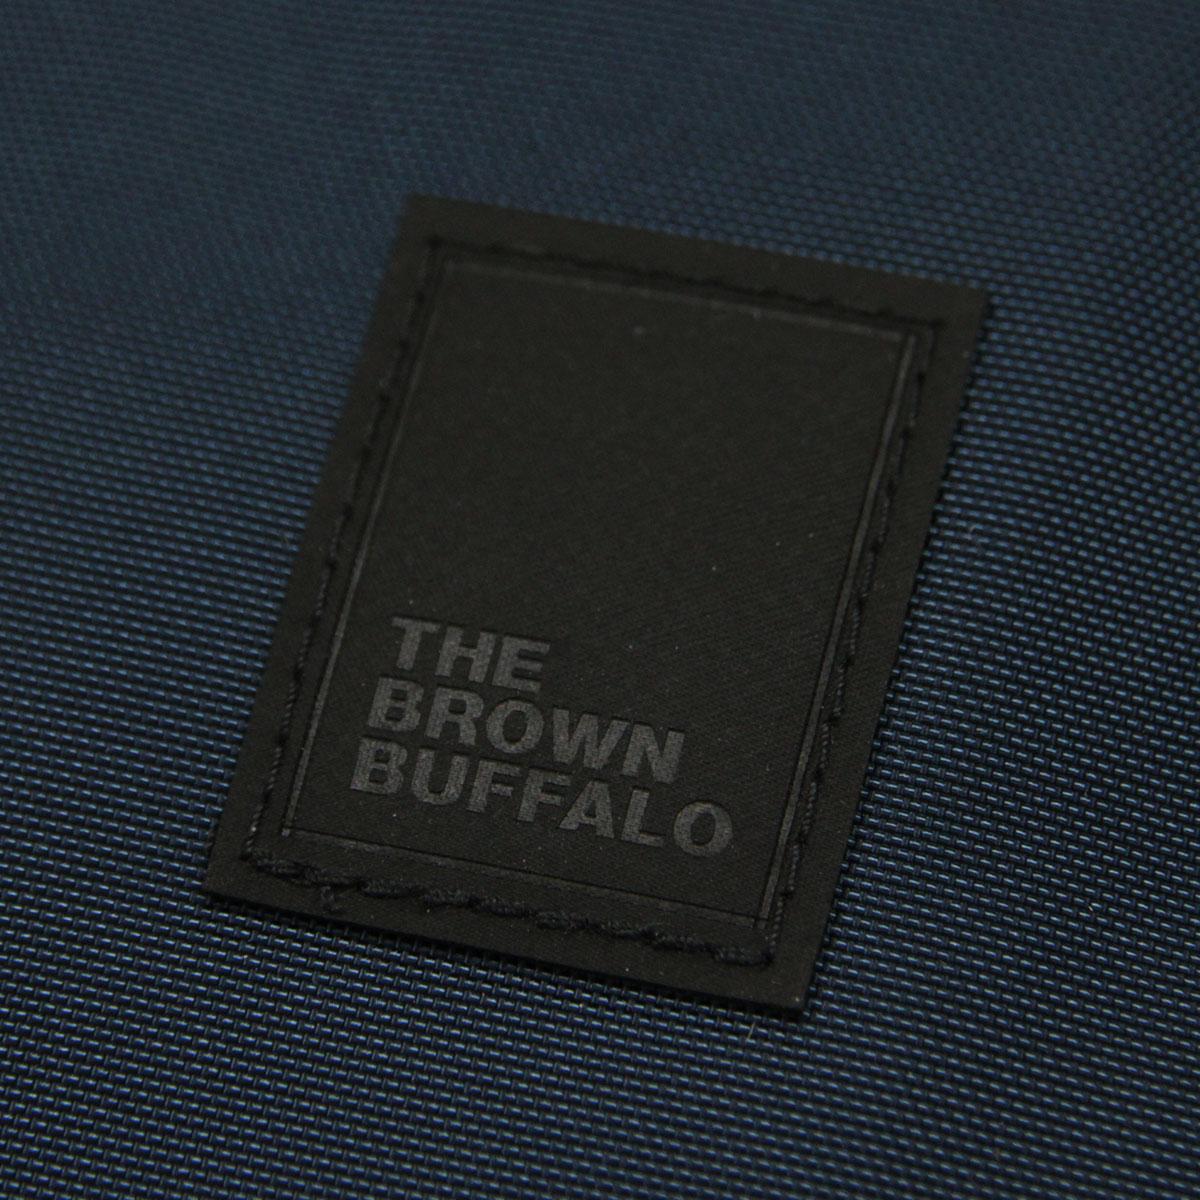 ザ ブラウン バッファロー バッグ メンズ レディース 正規販売店 THE BROWN BUFFALO ショルダーバッグ サコッシュ ミニショルダー SPECIAL DELIVERY NAVY F18SD420DNVY8 AA7B B3C C8D D4E E06F